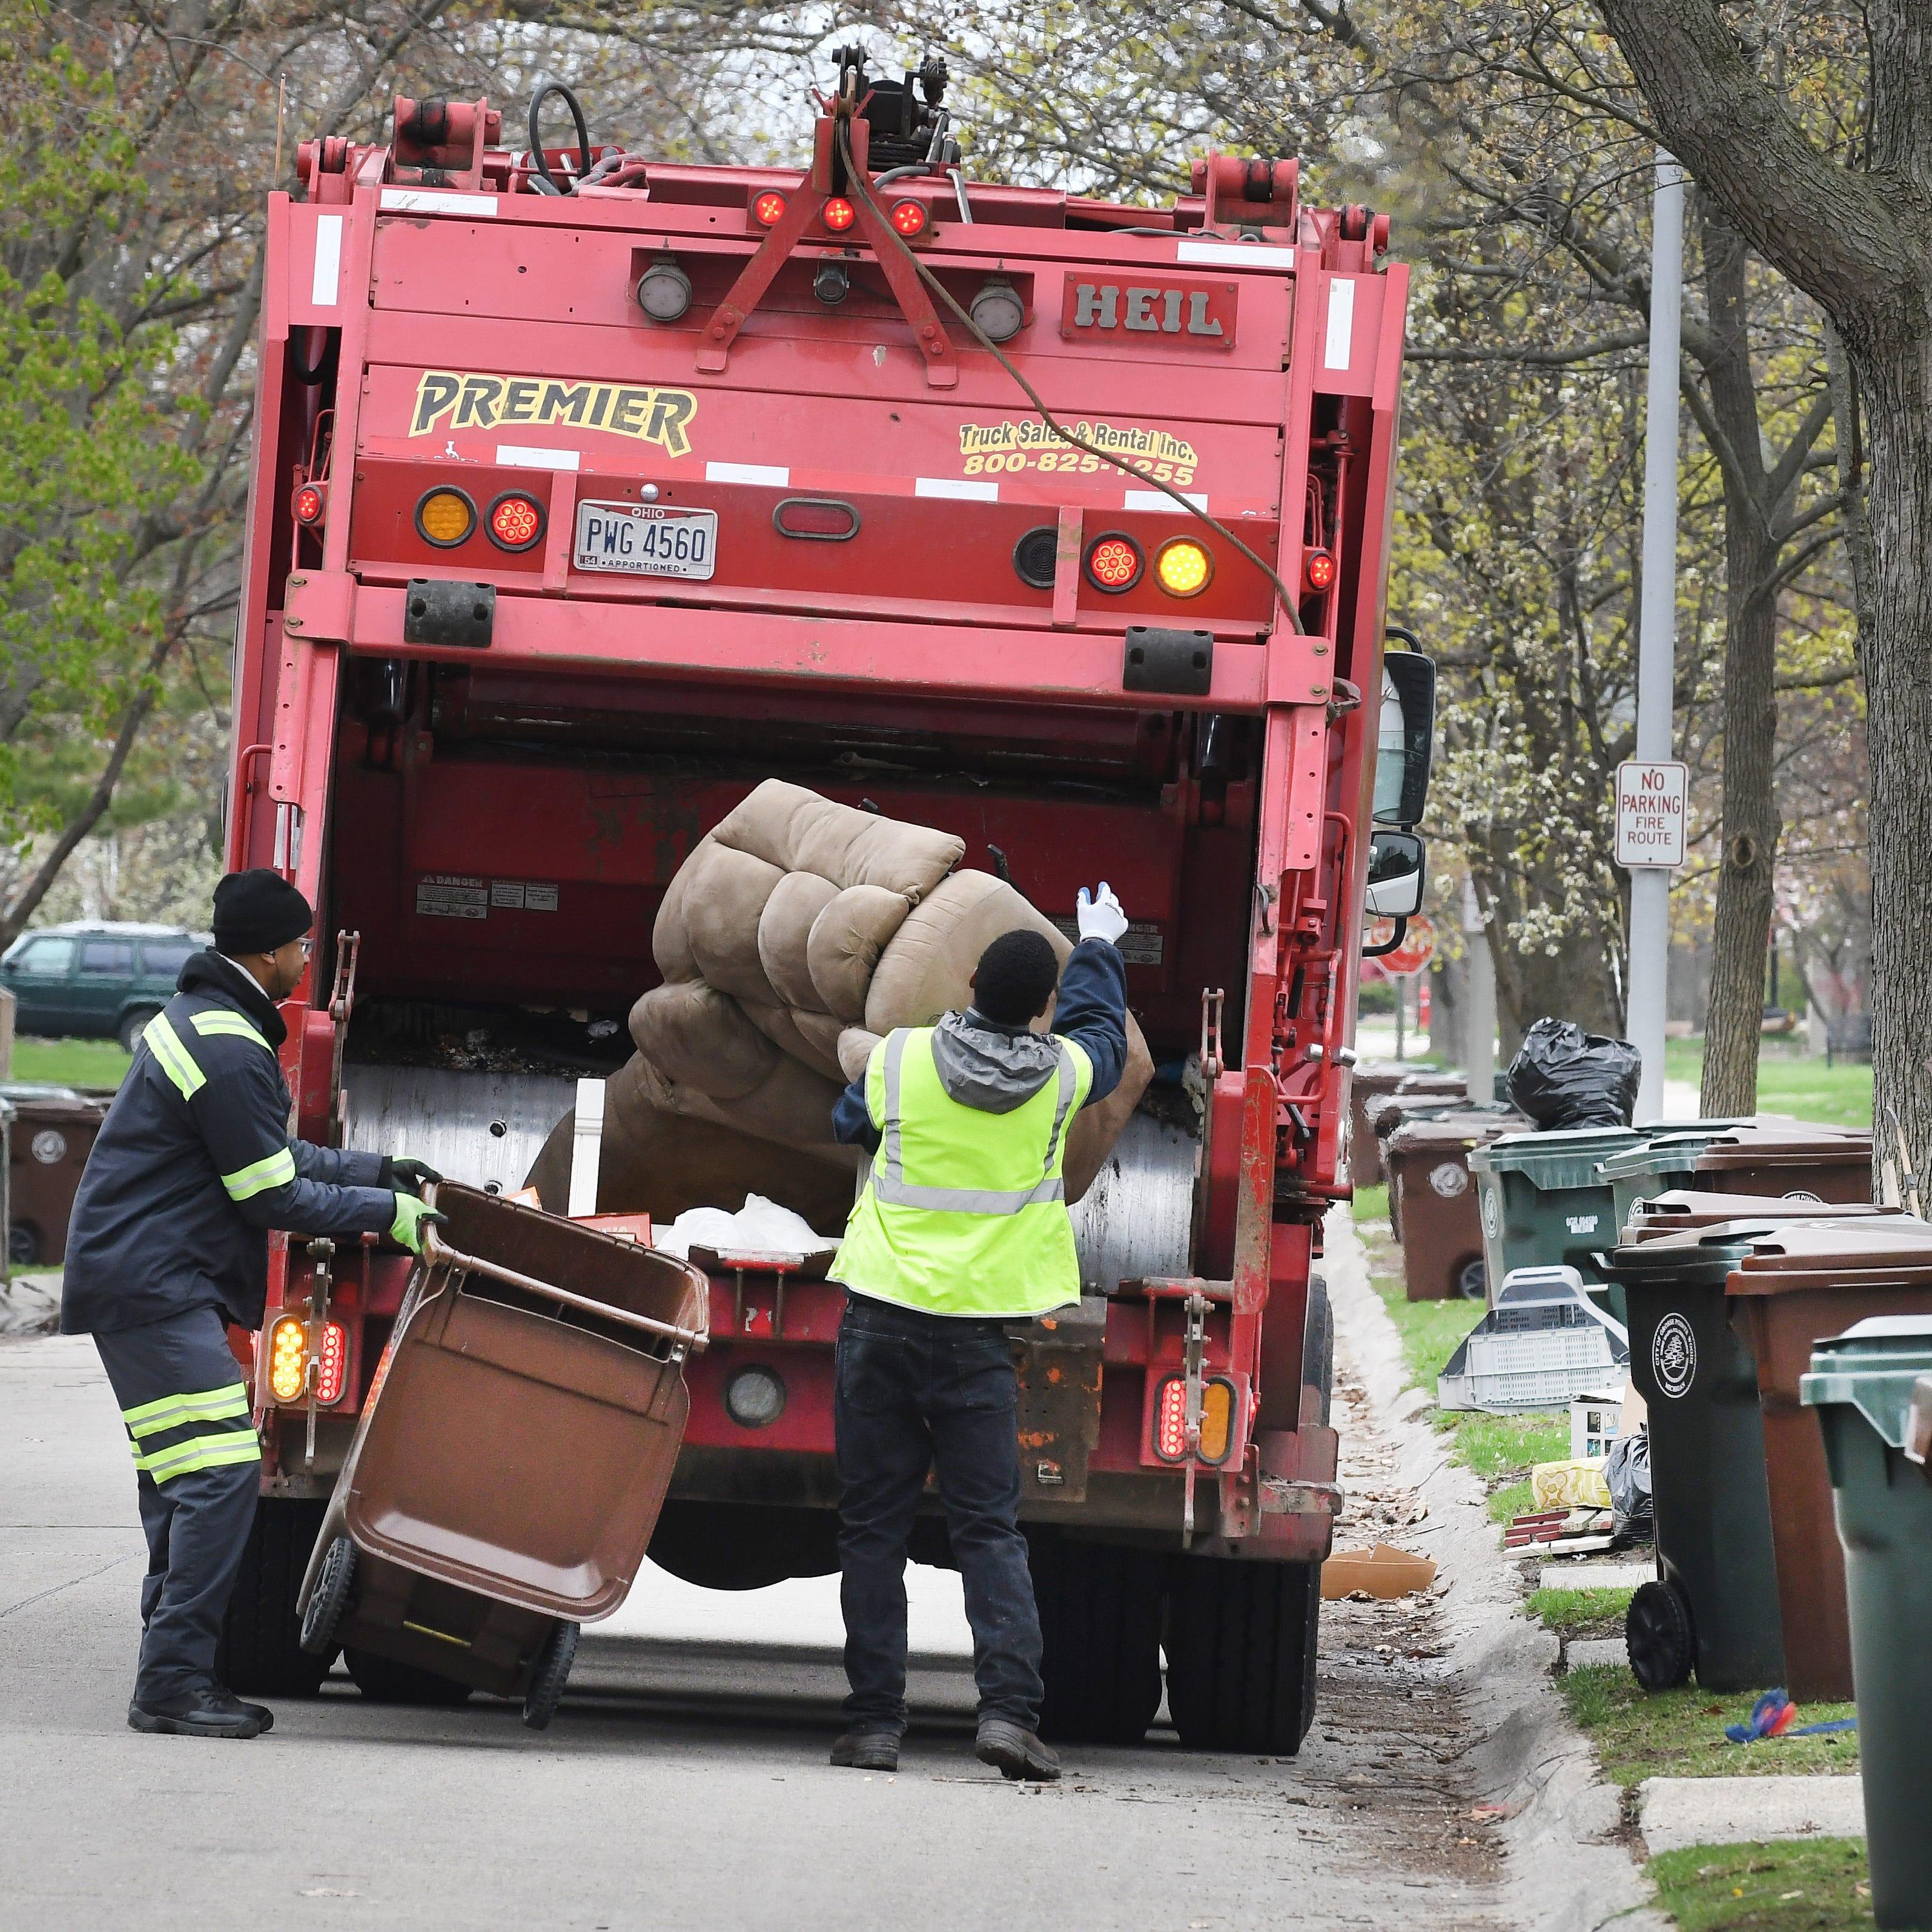 Incinerator's demise delays Detroit area trash pickup